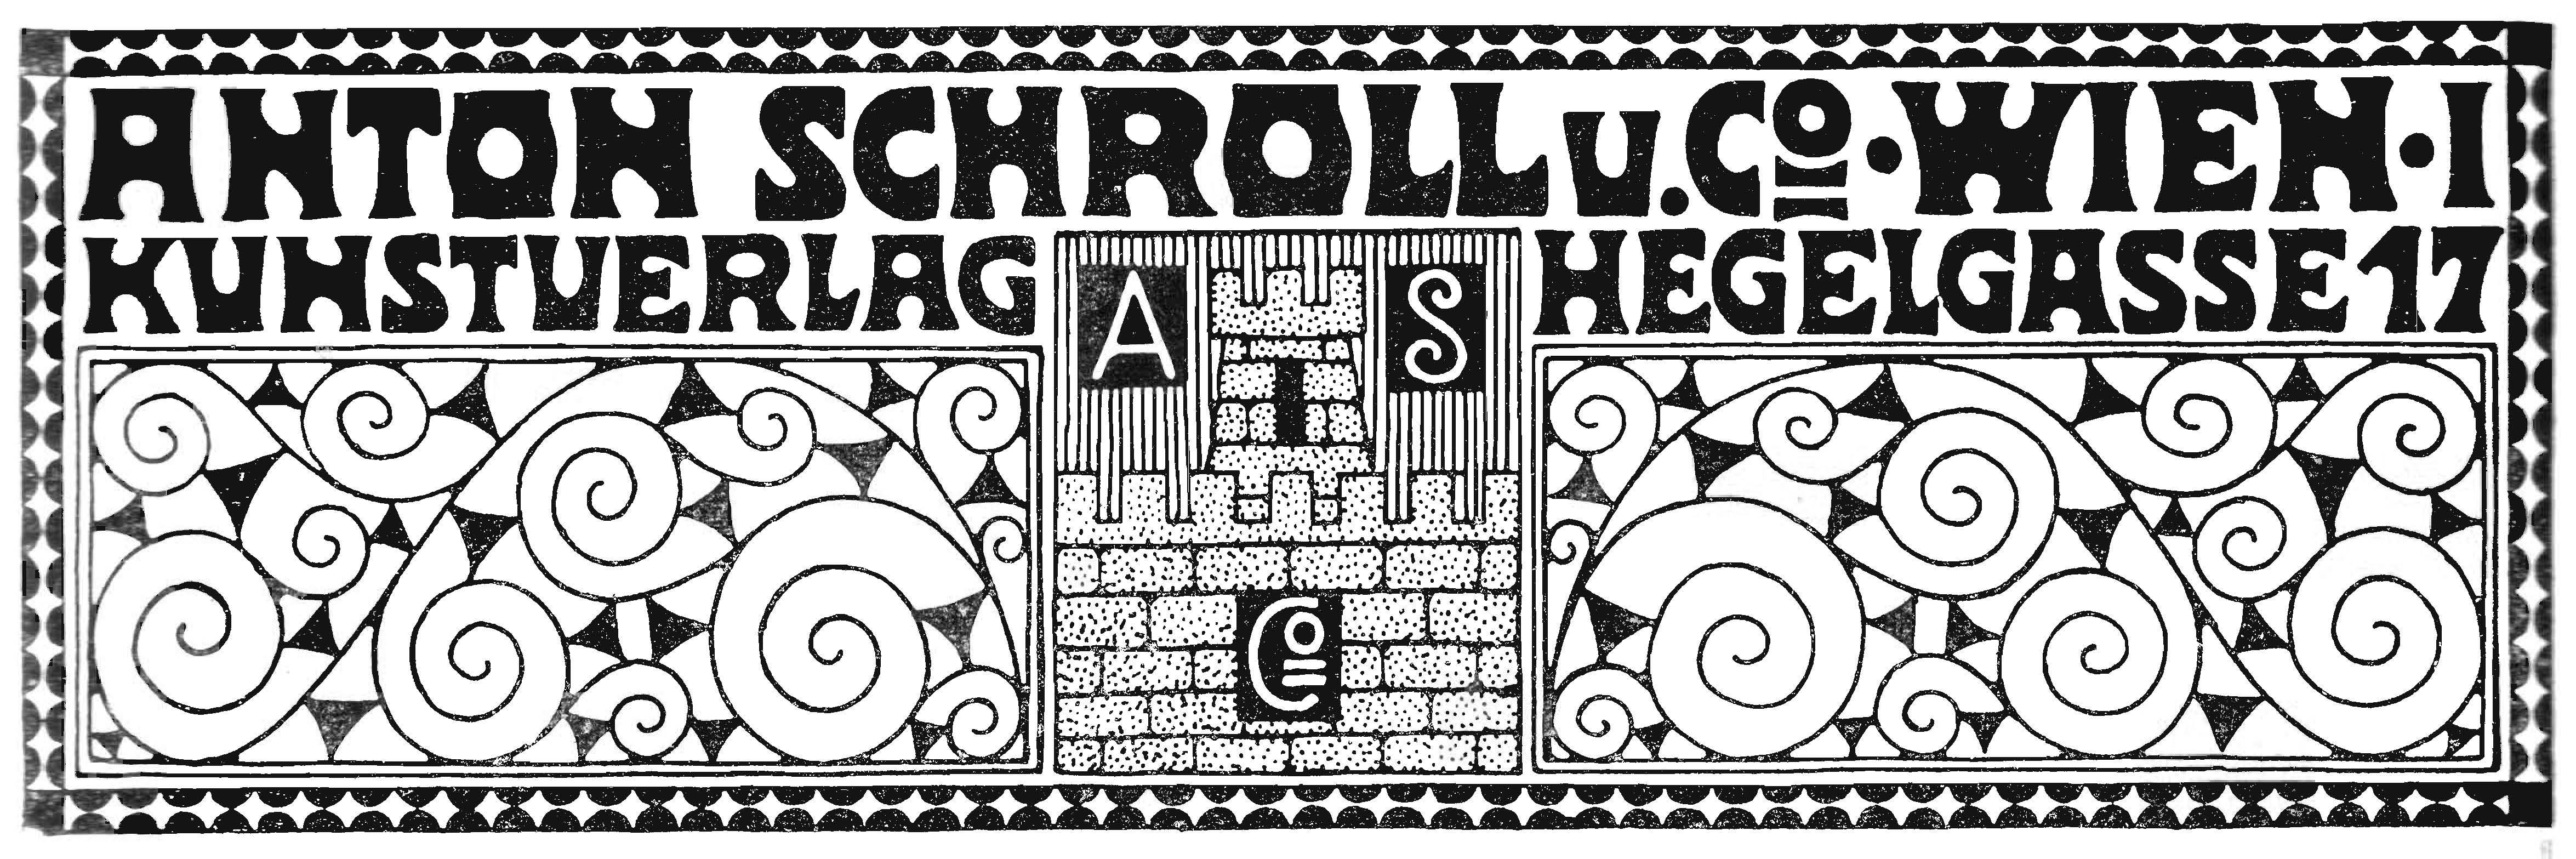 Schroll Signet 2